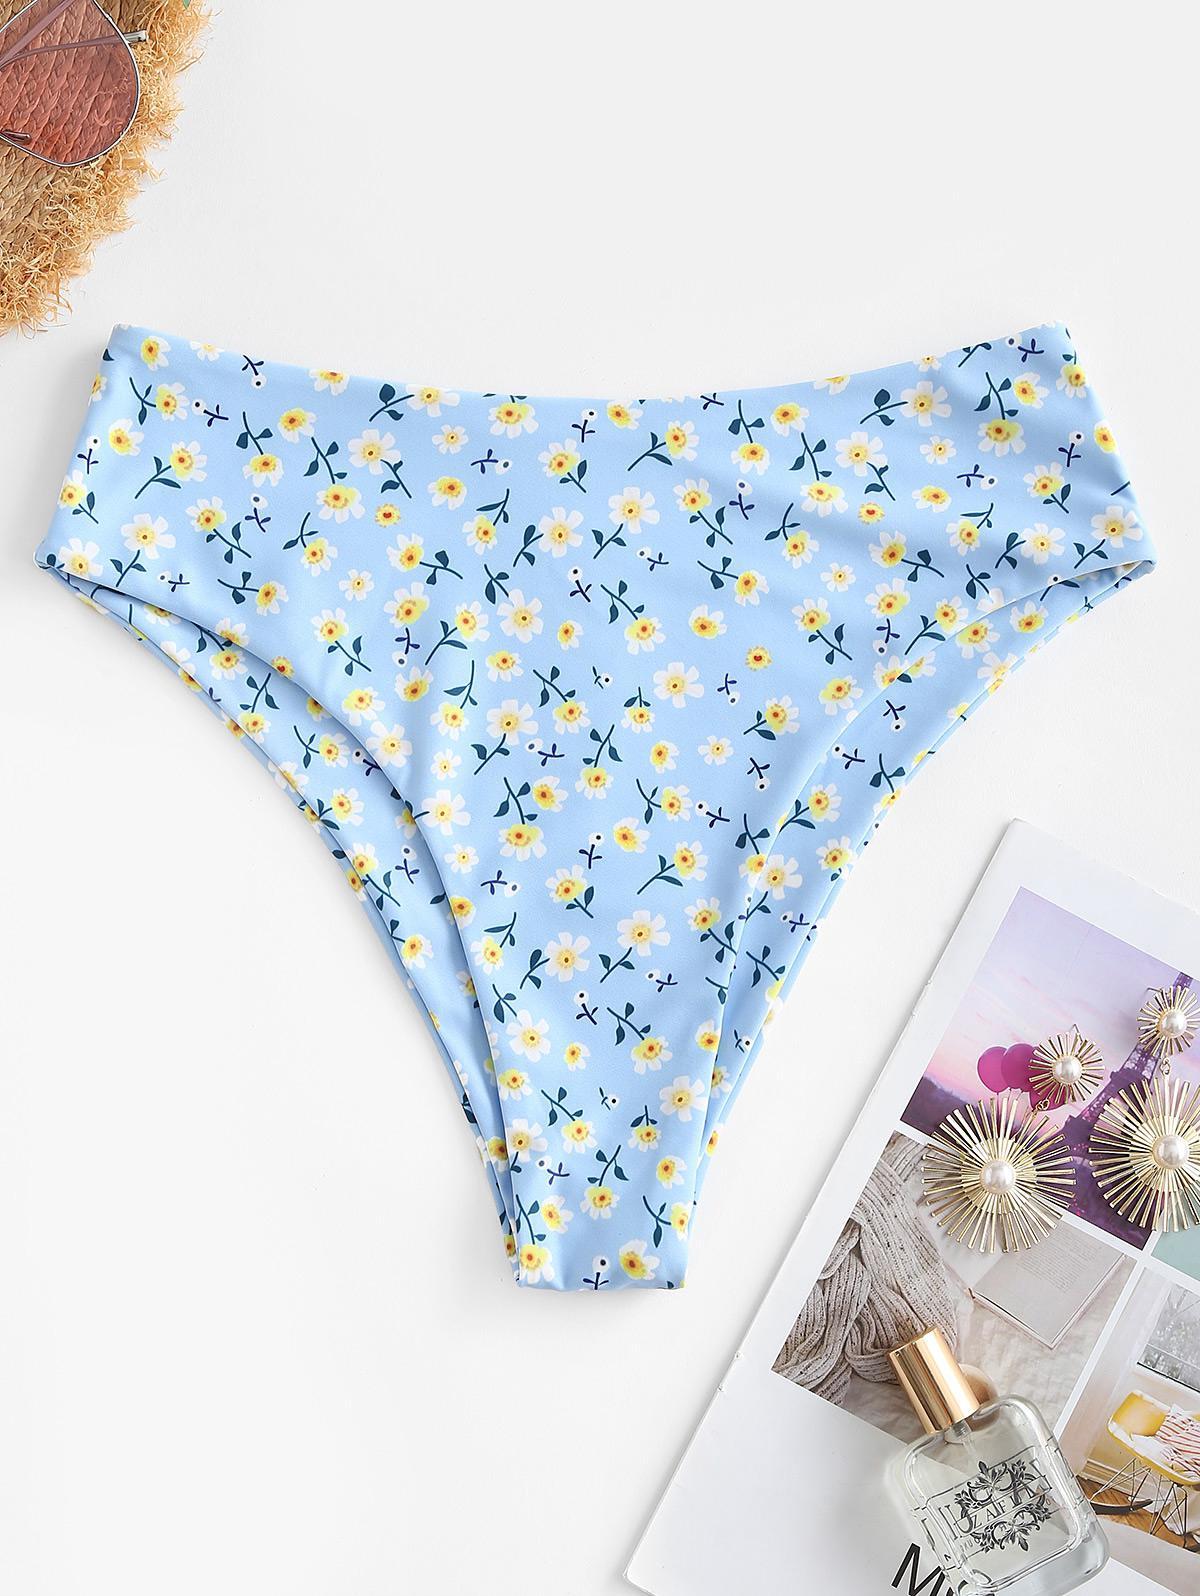 ZAFUL High Waisted Ditsy Floral High Cut Bikini Bottom